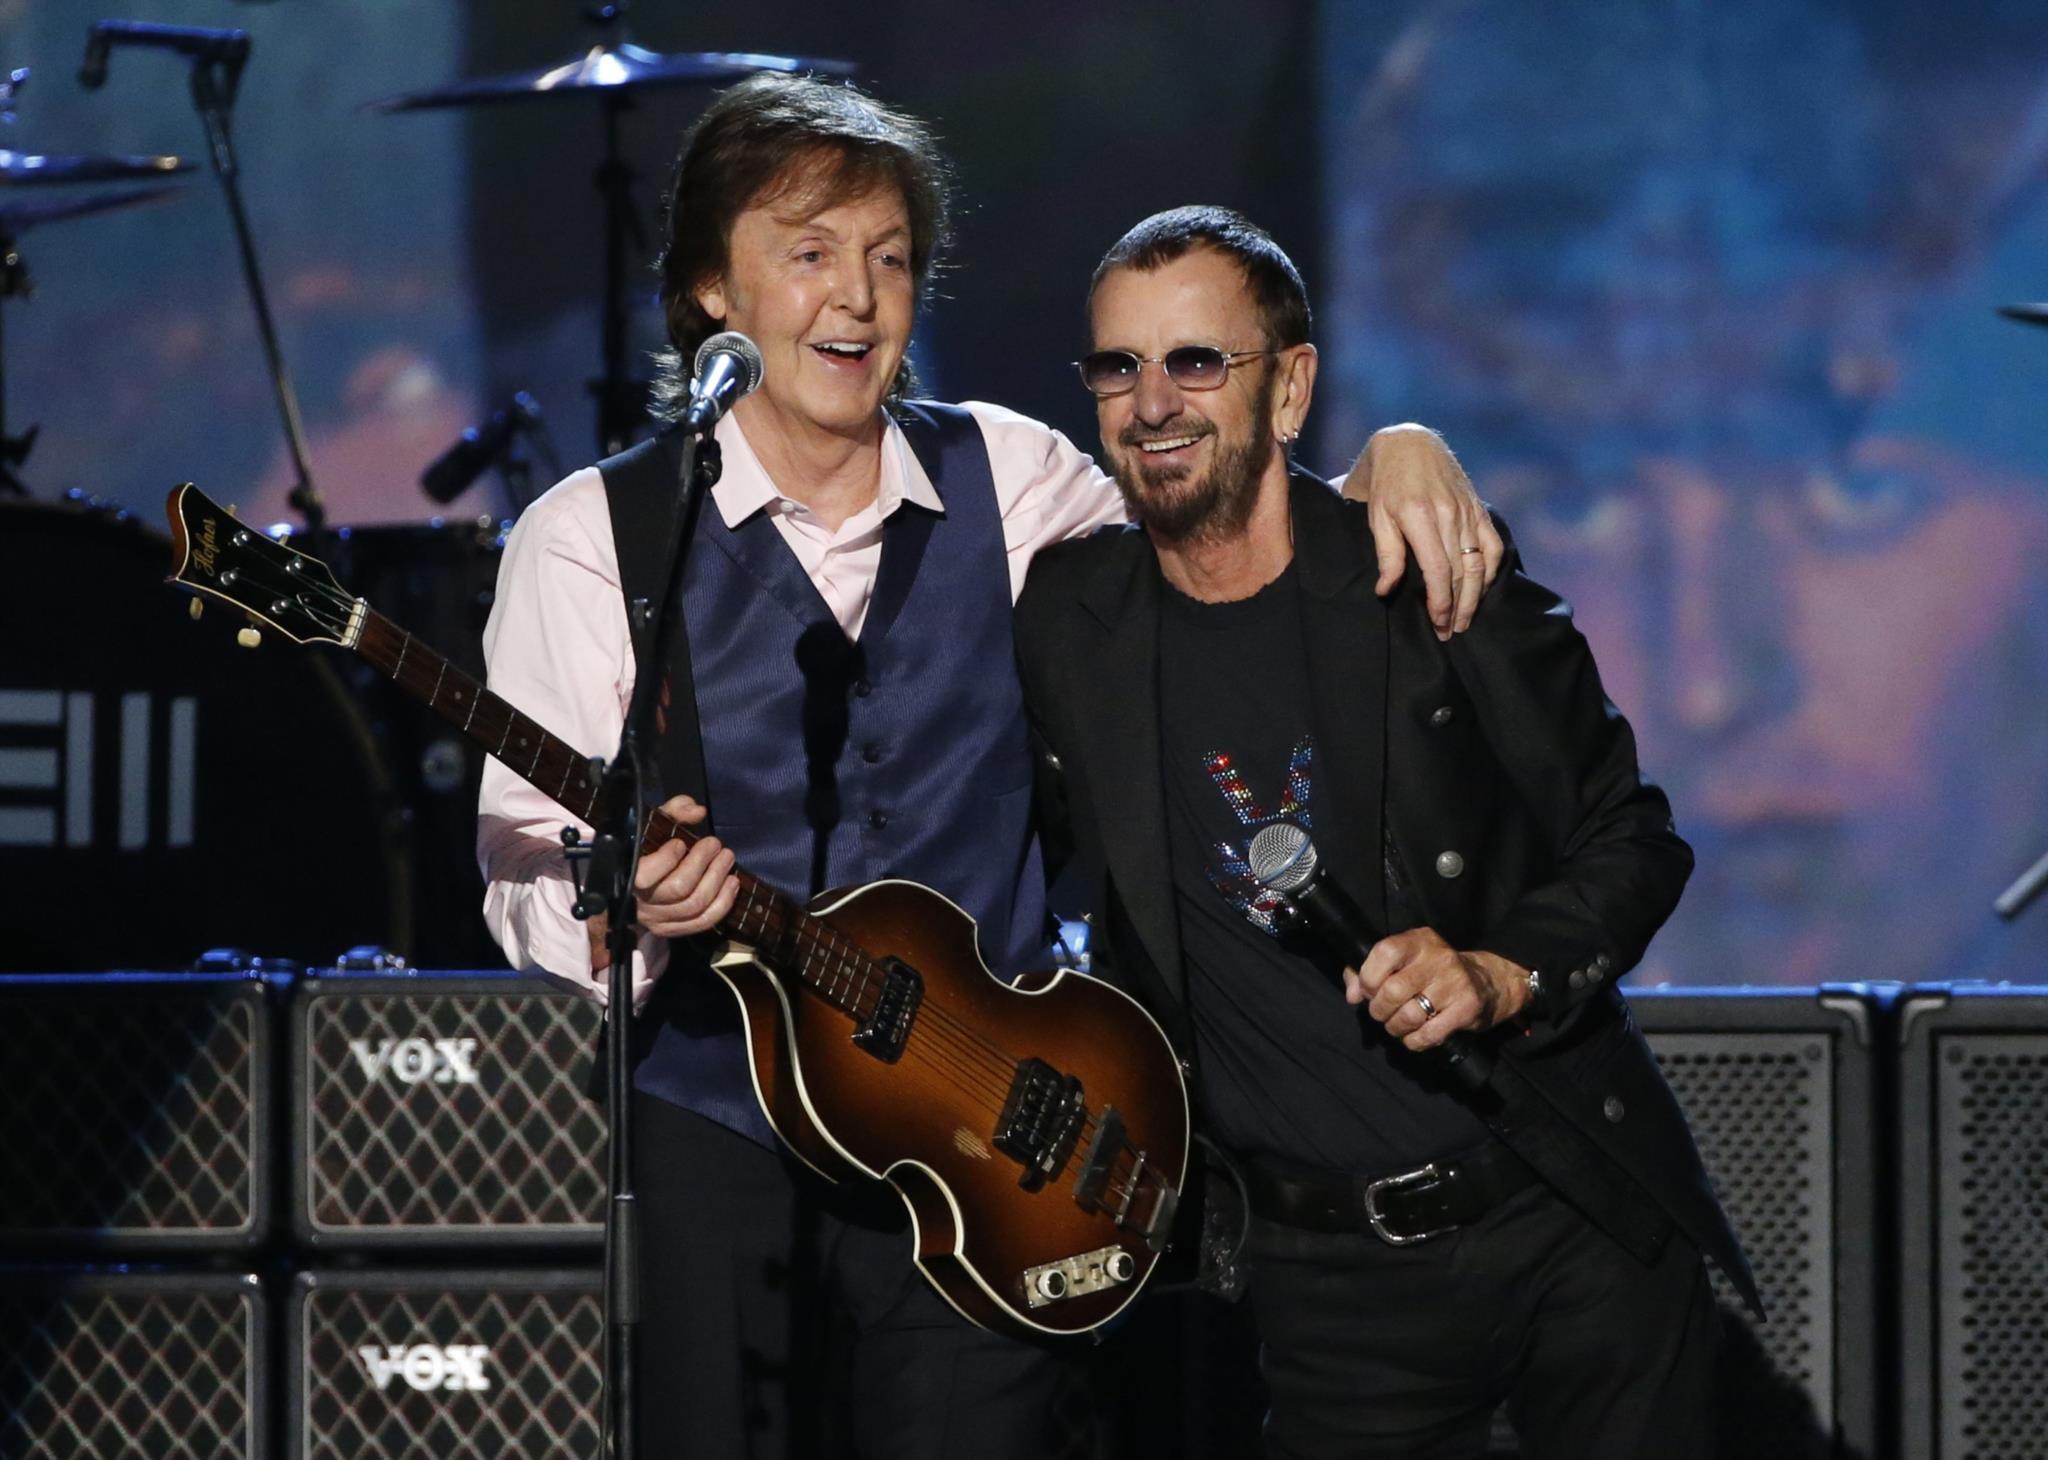 PÚBLICO - Ringo e McCartney novamente reunidos em estúdio